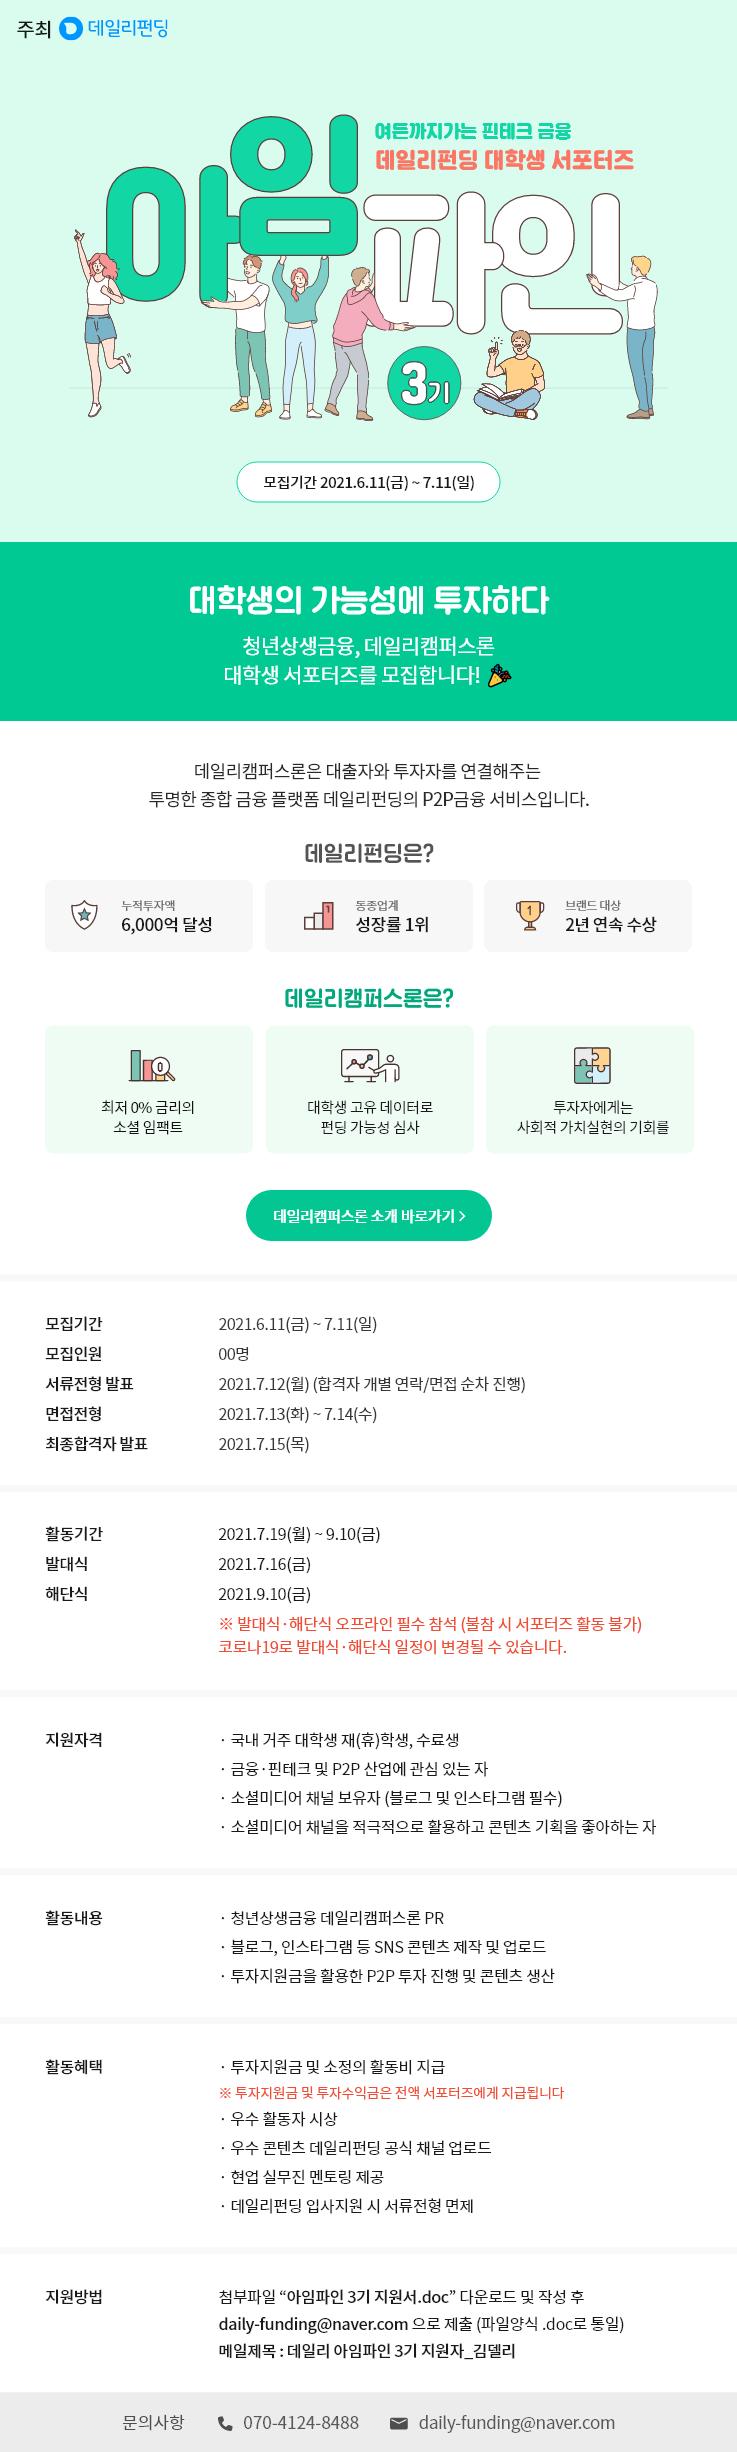 데일리펀딩 대학생 서포터즈 아임파인 3기 모집